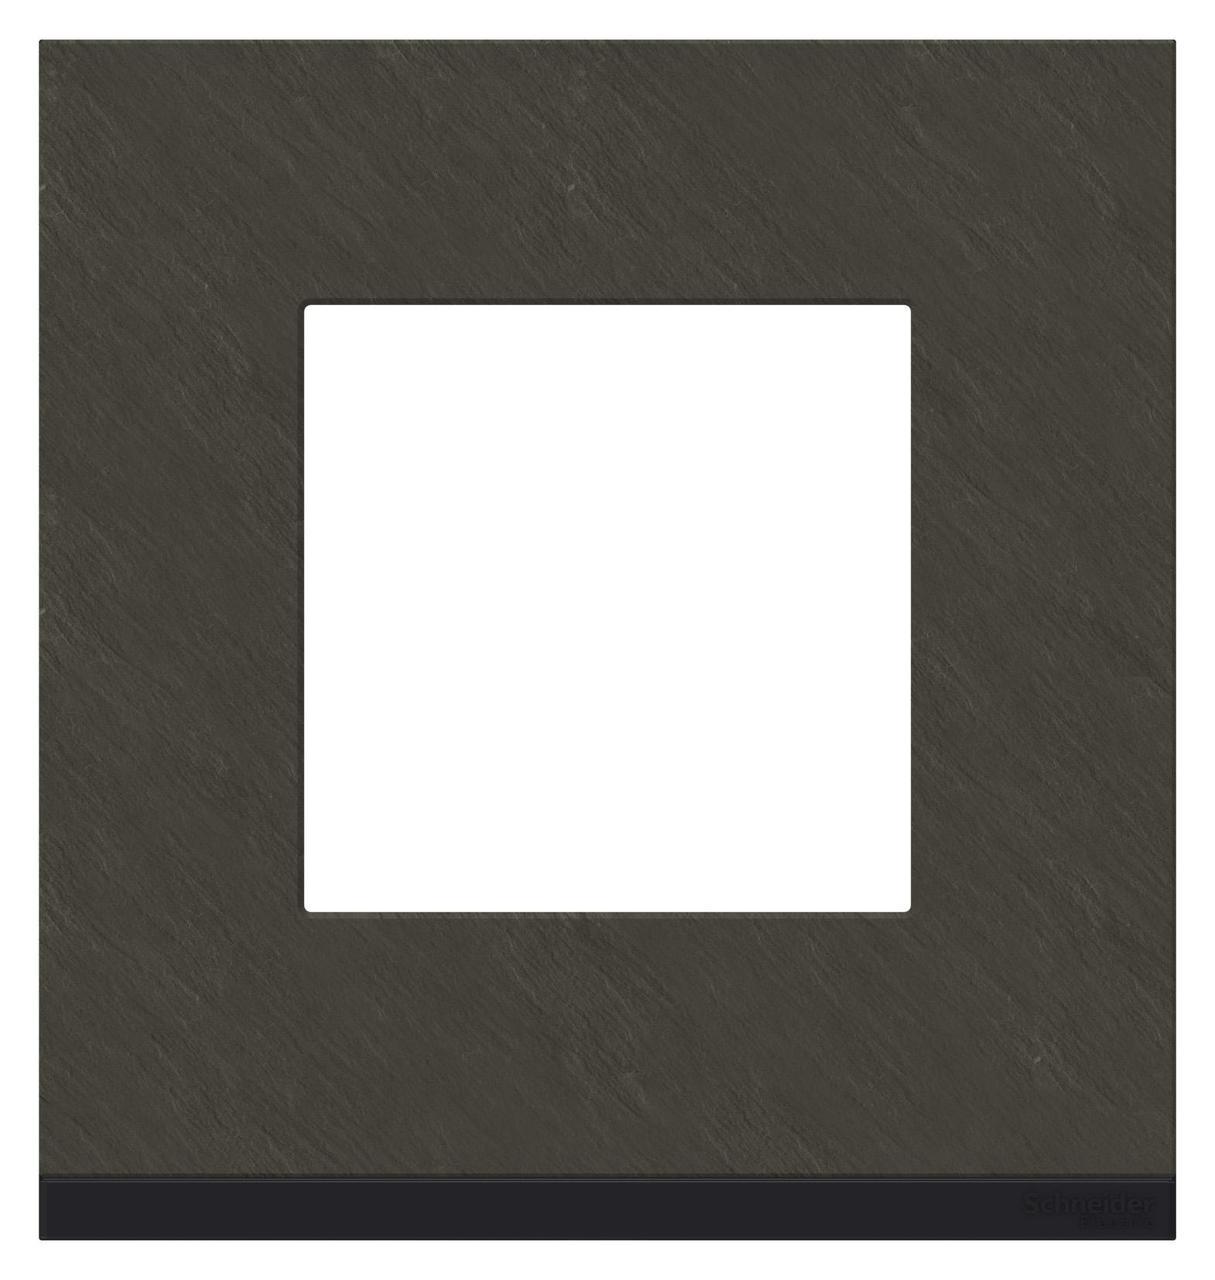 Рамка 1-ая (одинарная), Камень/Антрацит, серия Unica Pure, Schneider Electric